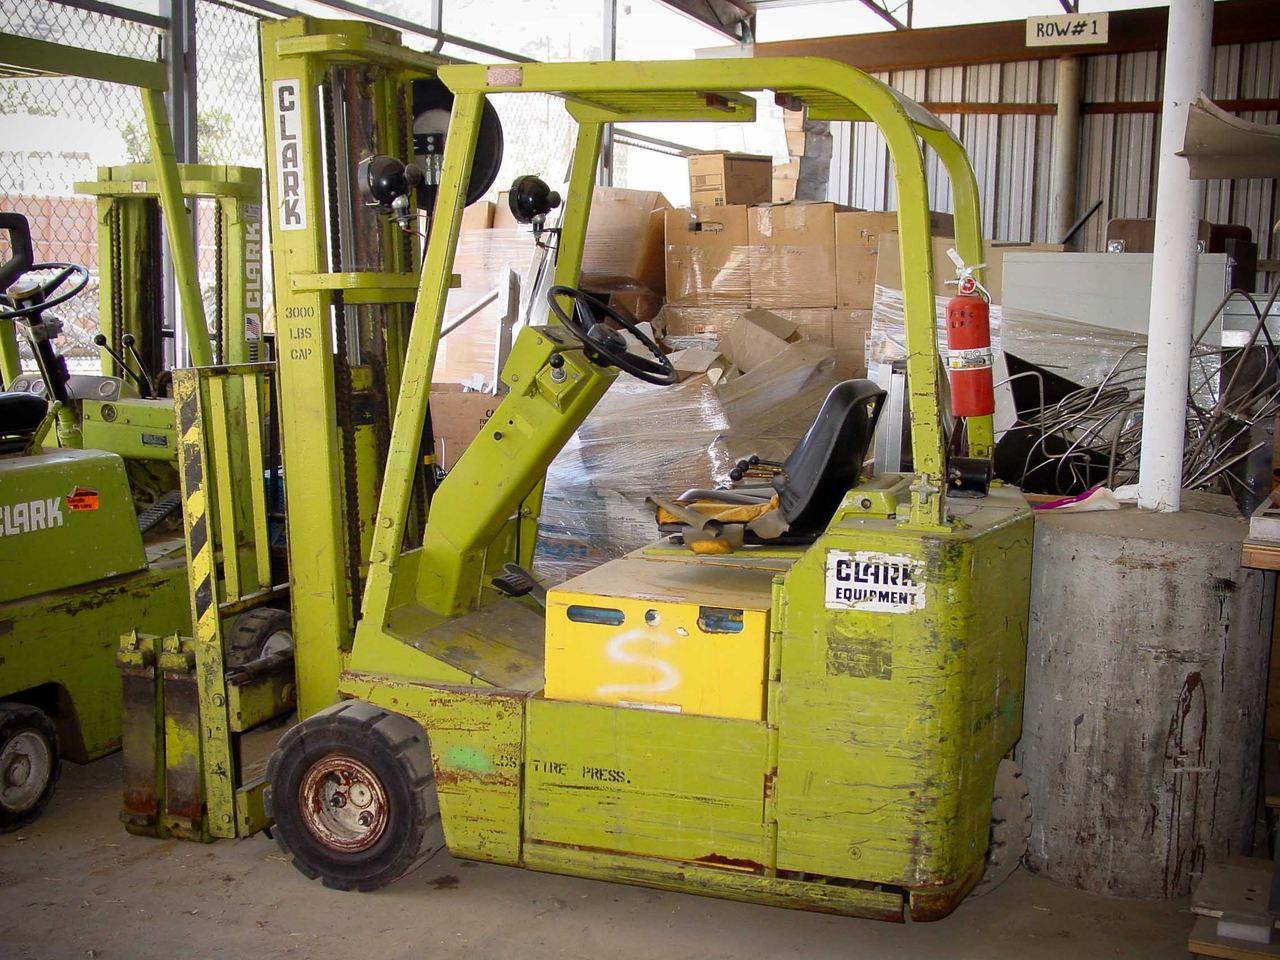 Clark TW 30B 3,000 Pound 3-Wheel Forklift